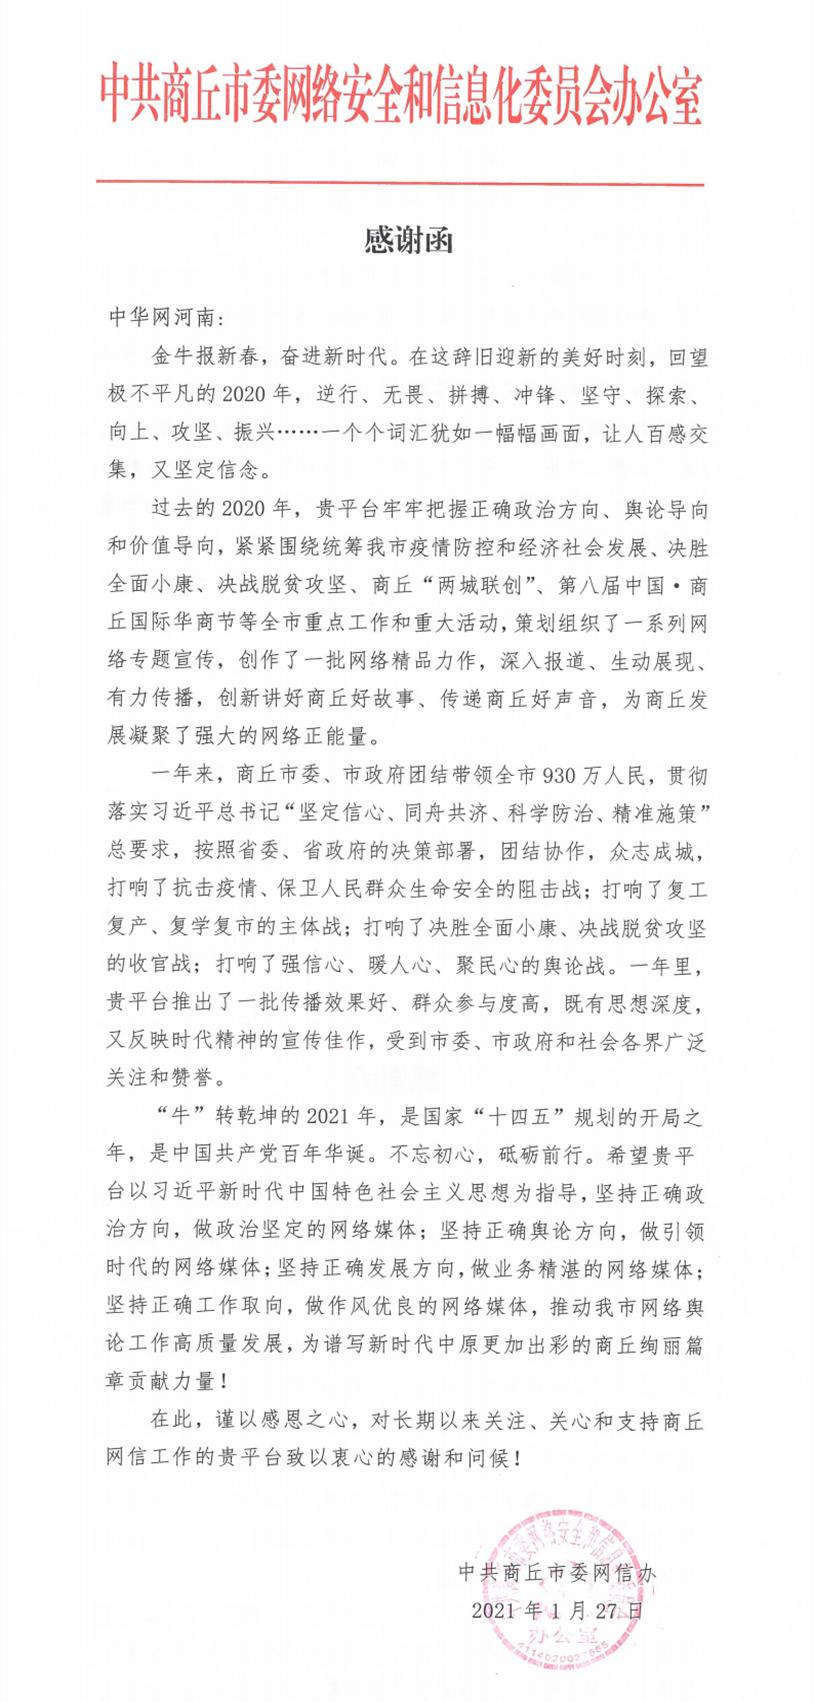 商丘市委网信办发函感谢中华网河南频道